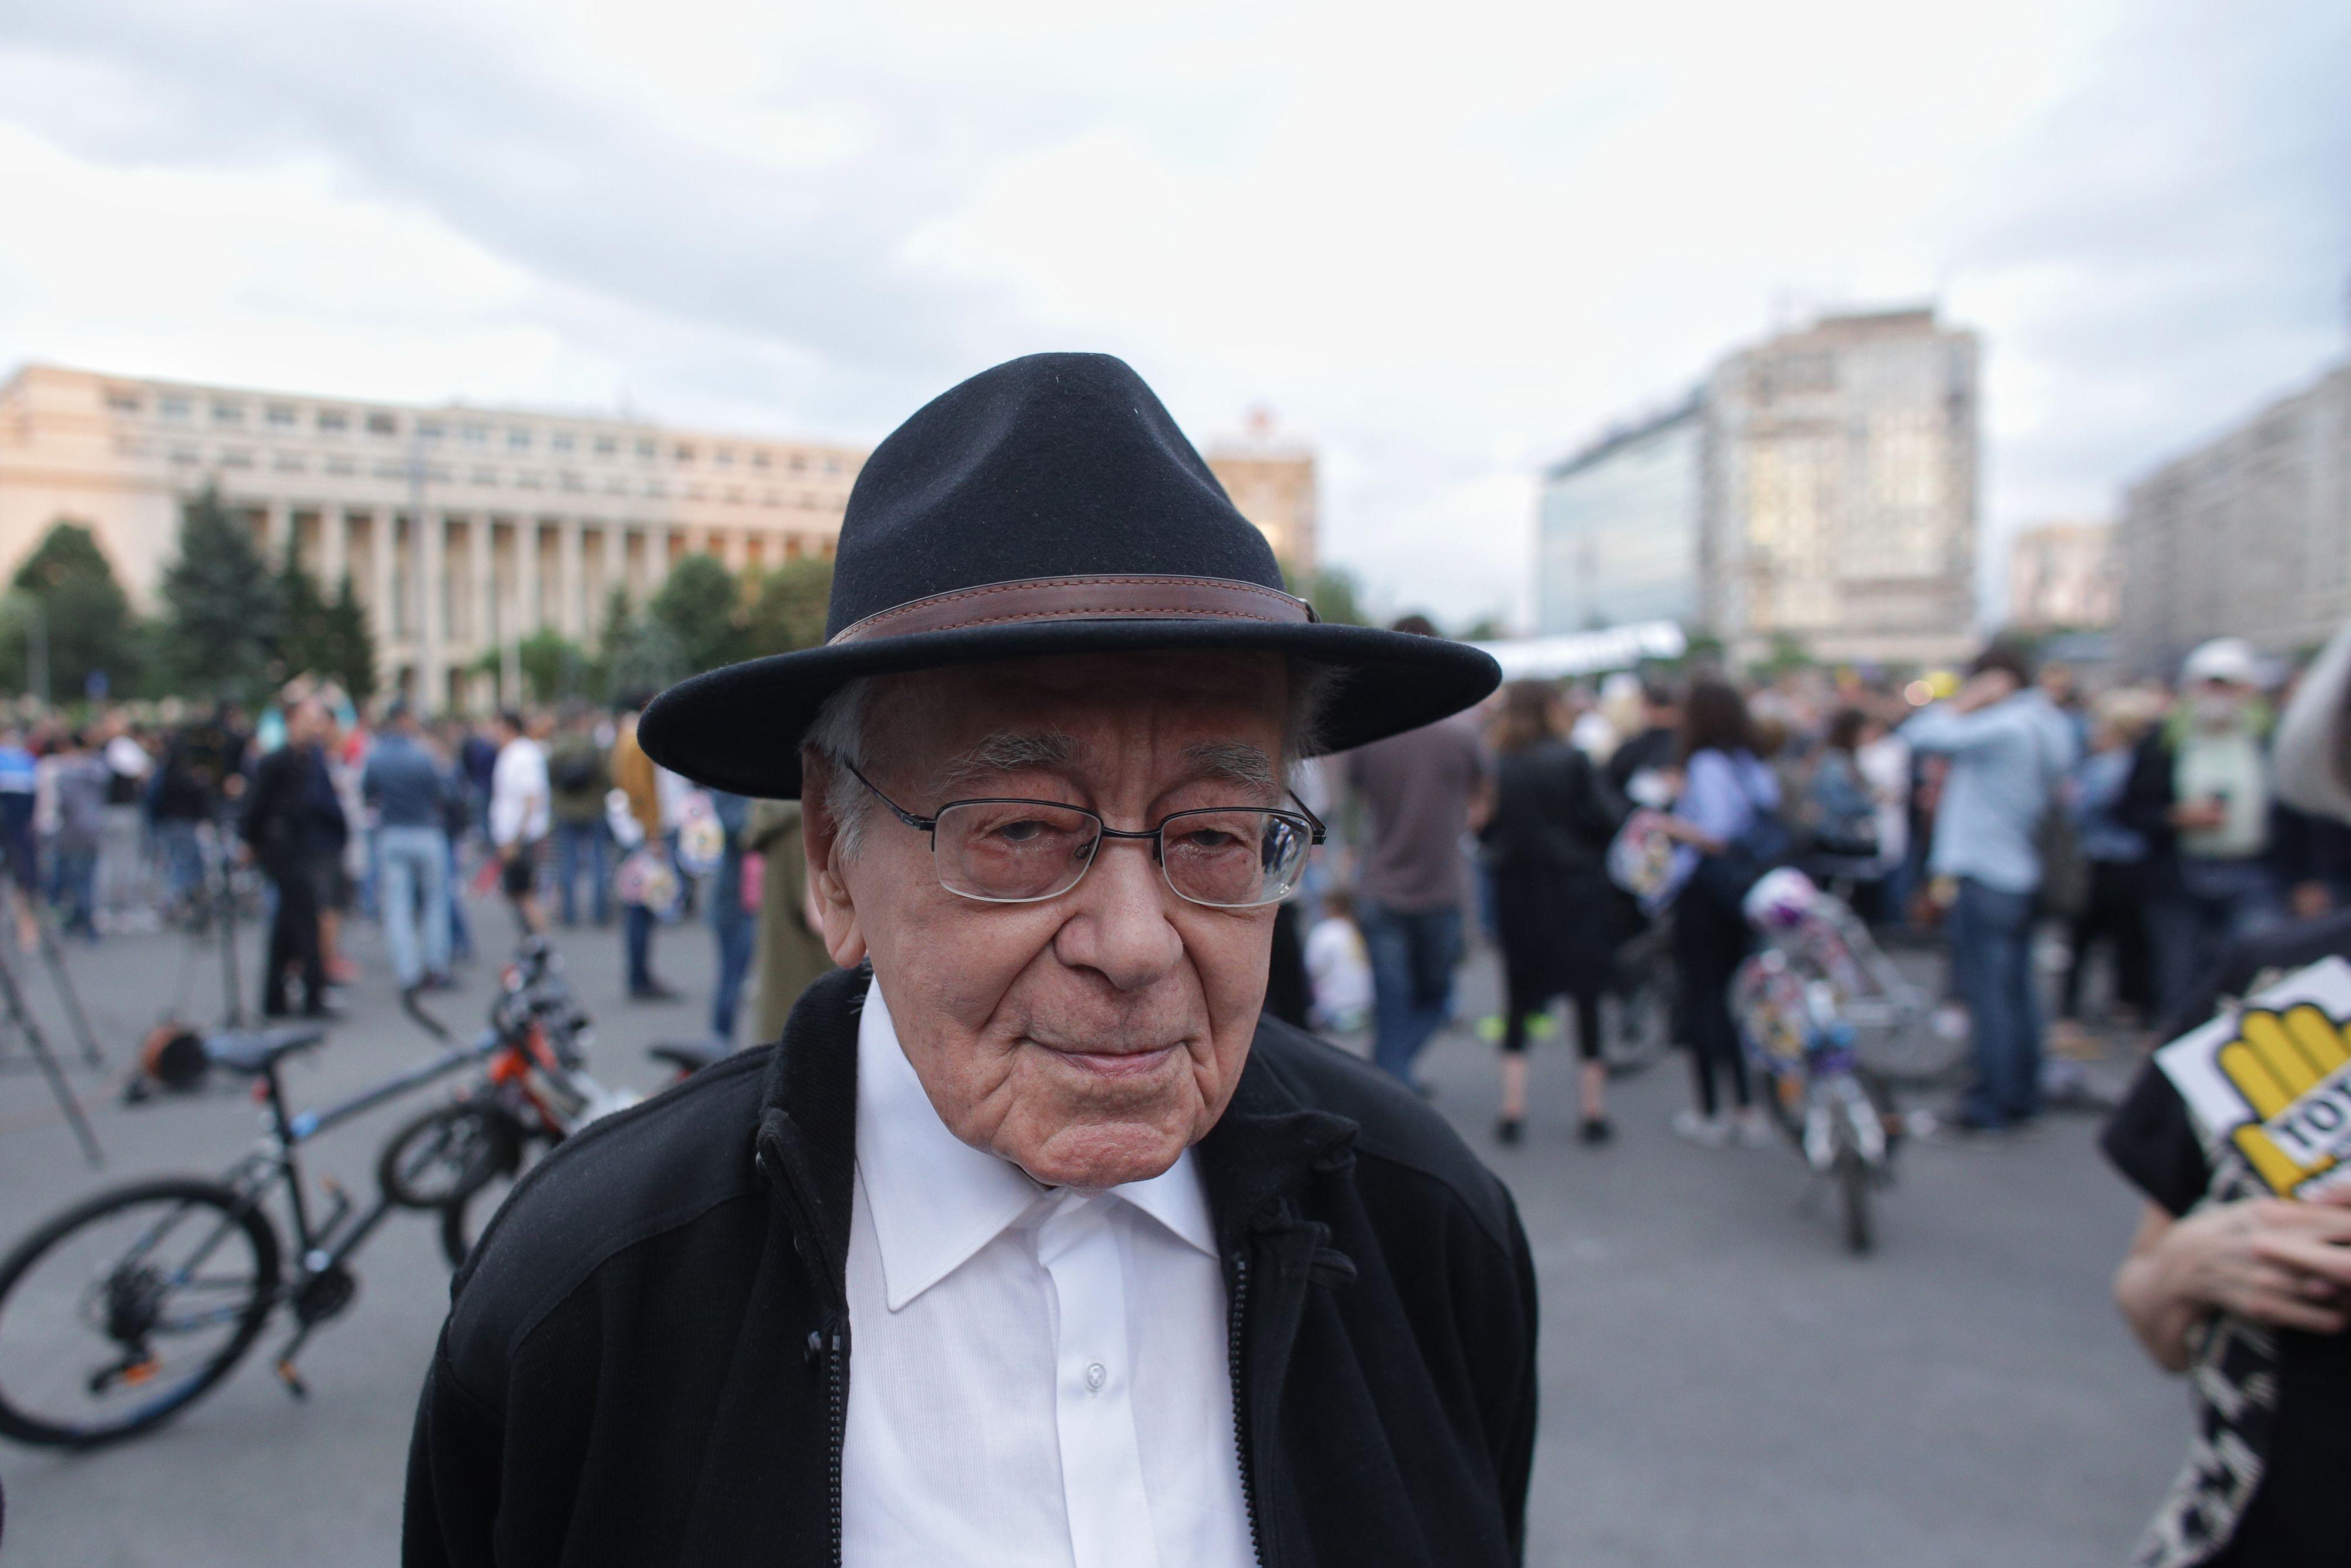 Mihai Şora: Voi merge în Parcul Izvor şi mă voi uita la clădirea aceea hidoasă